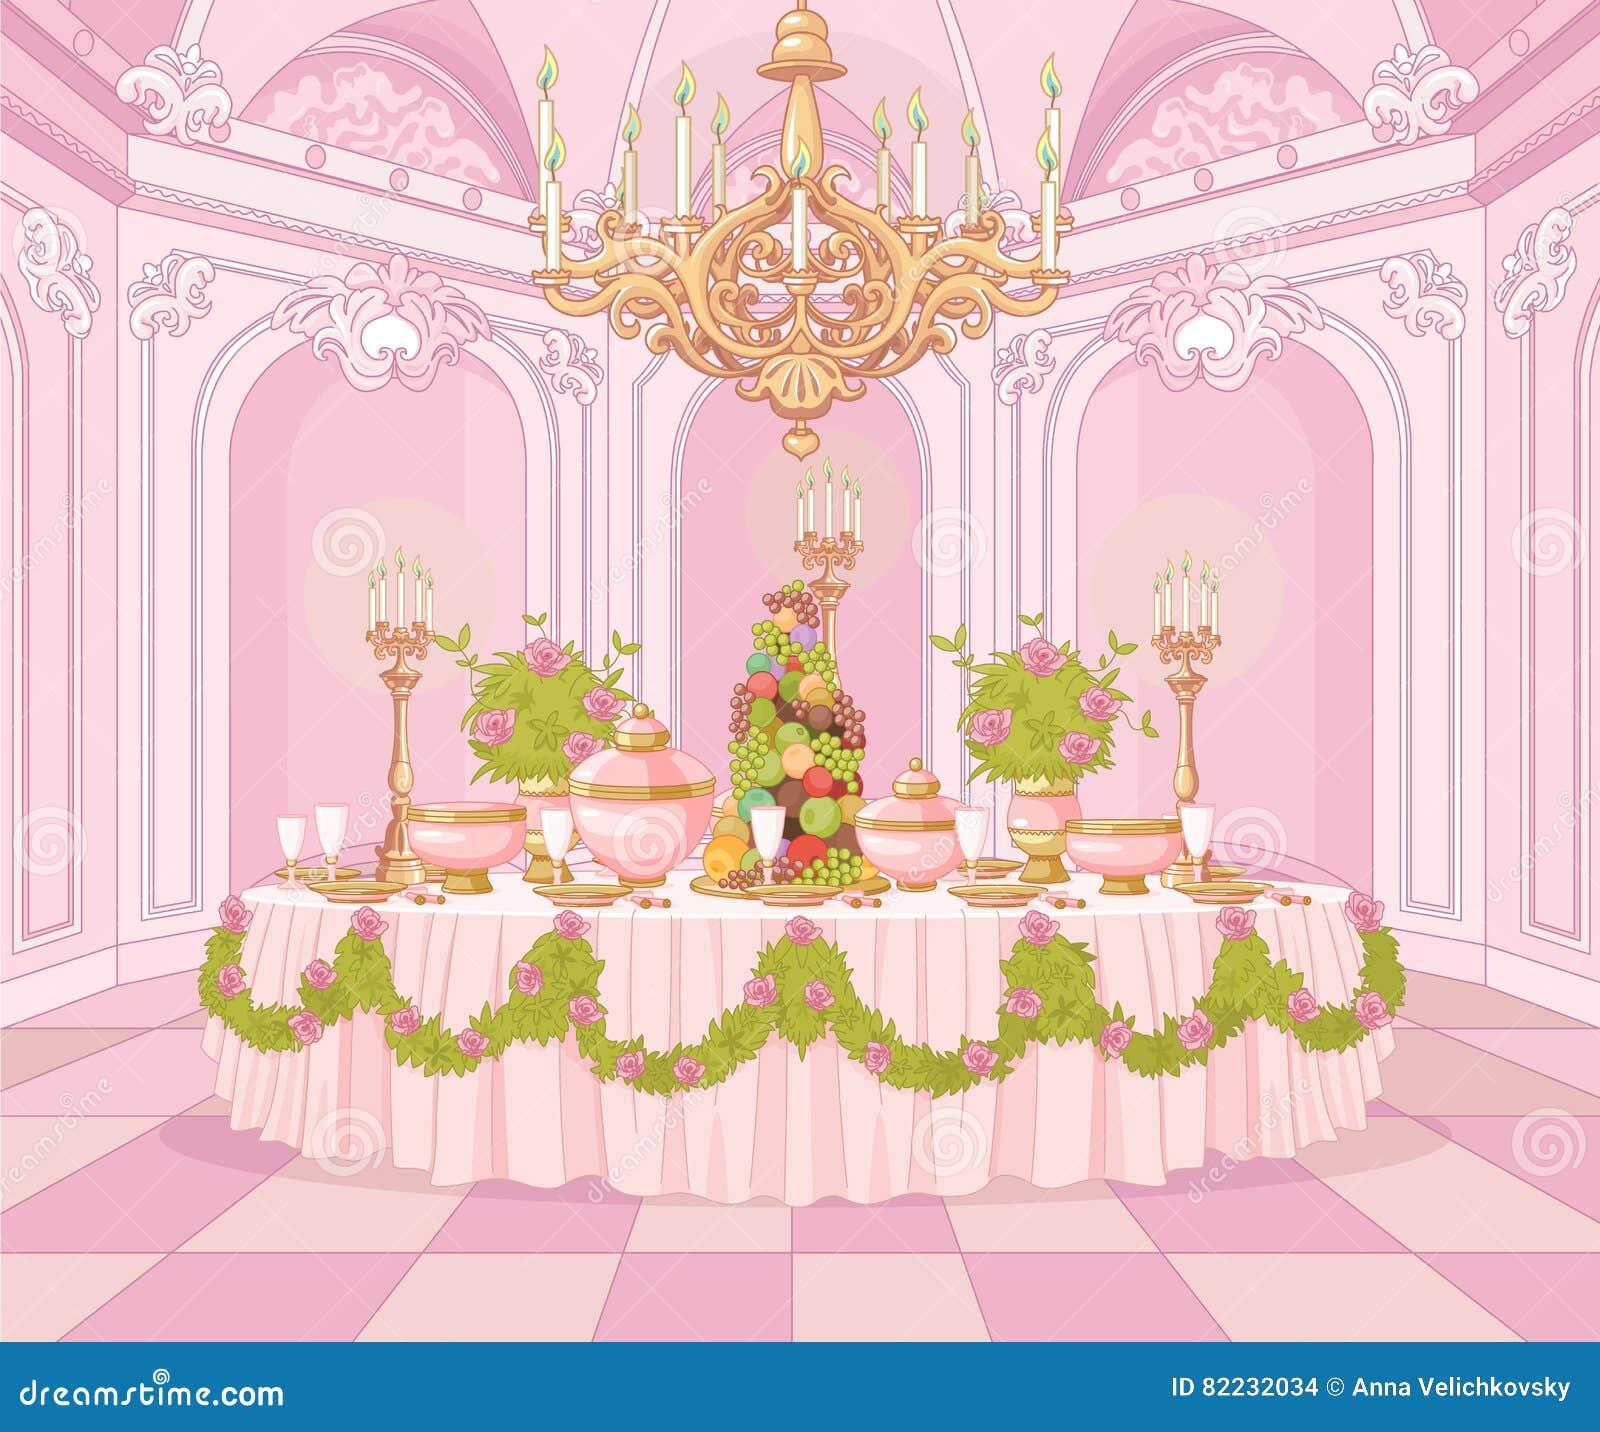 Salle manger dans princesse palace illustration de for Salle manger dessin